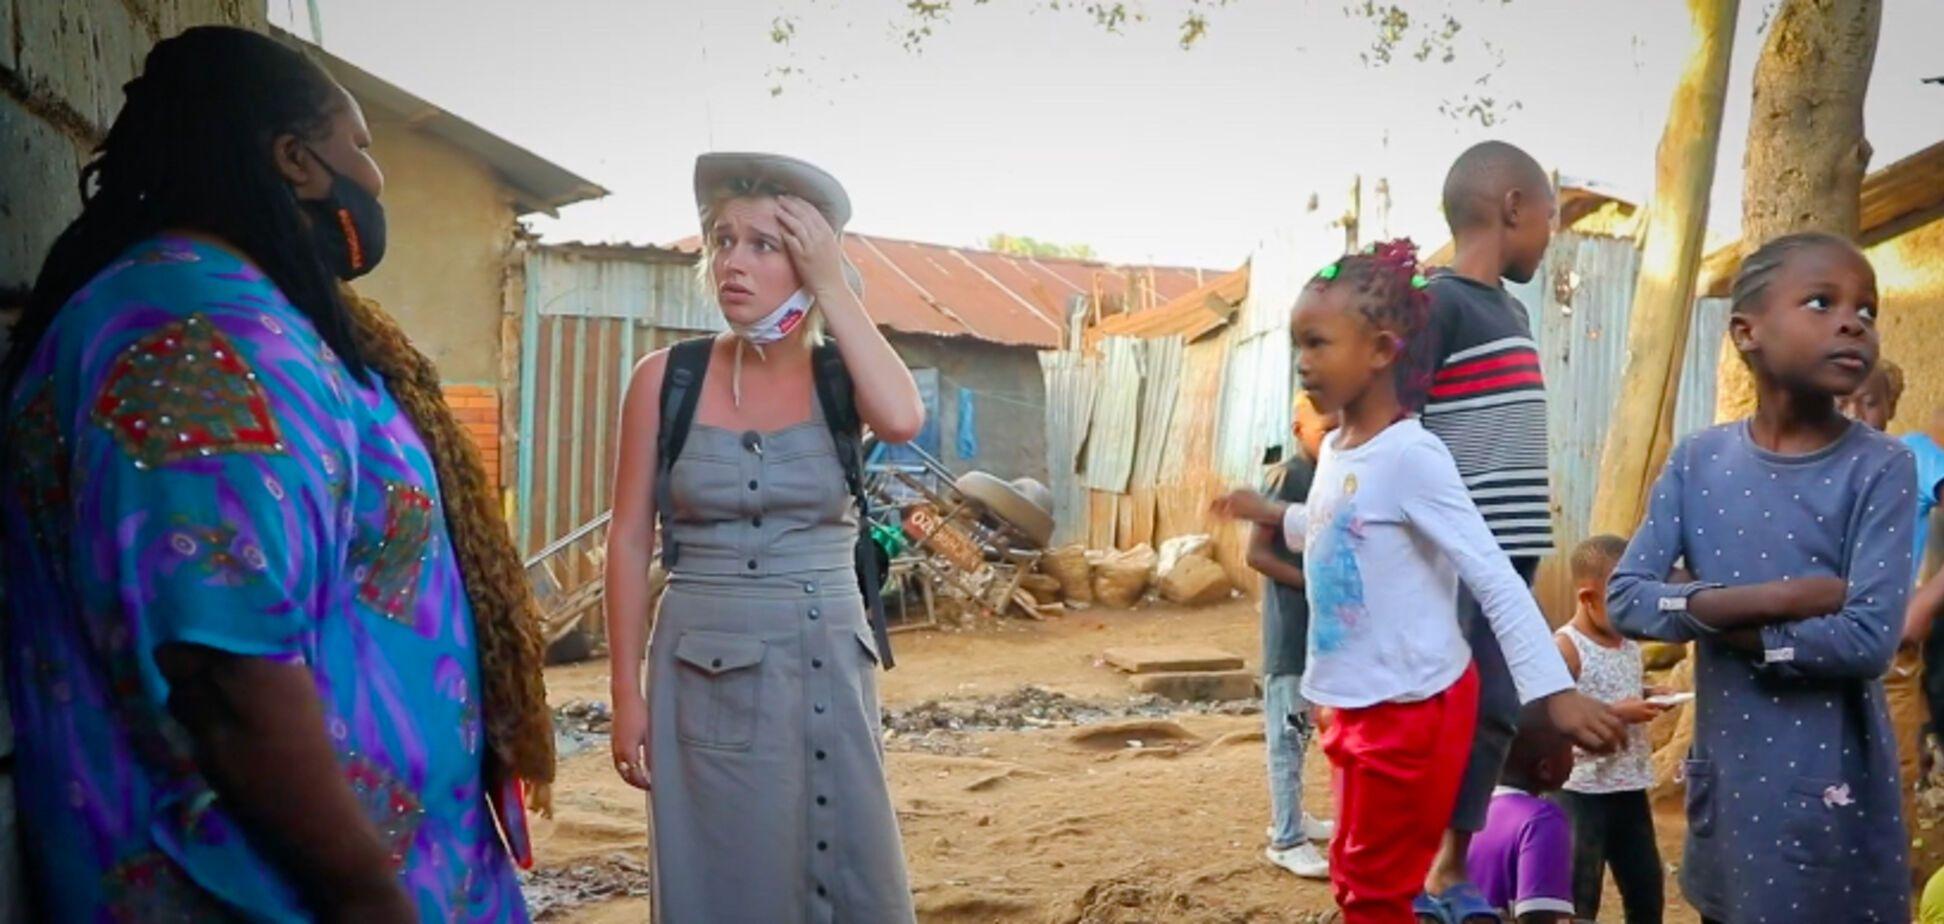 Ведущая 'Орла и Решки' прогулялась по опасному району Найроби